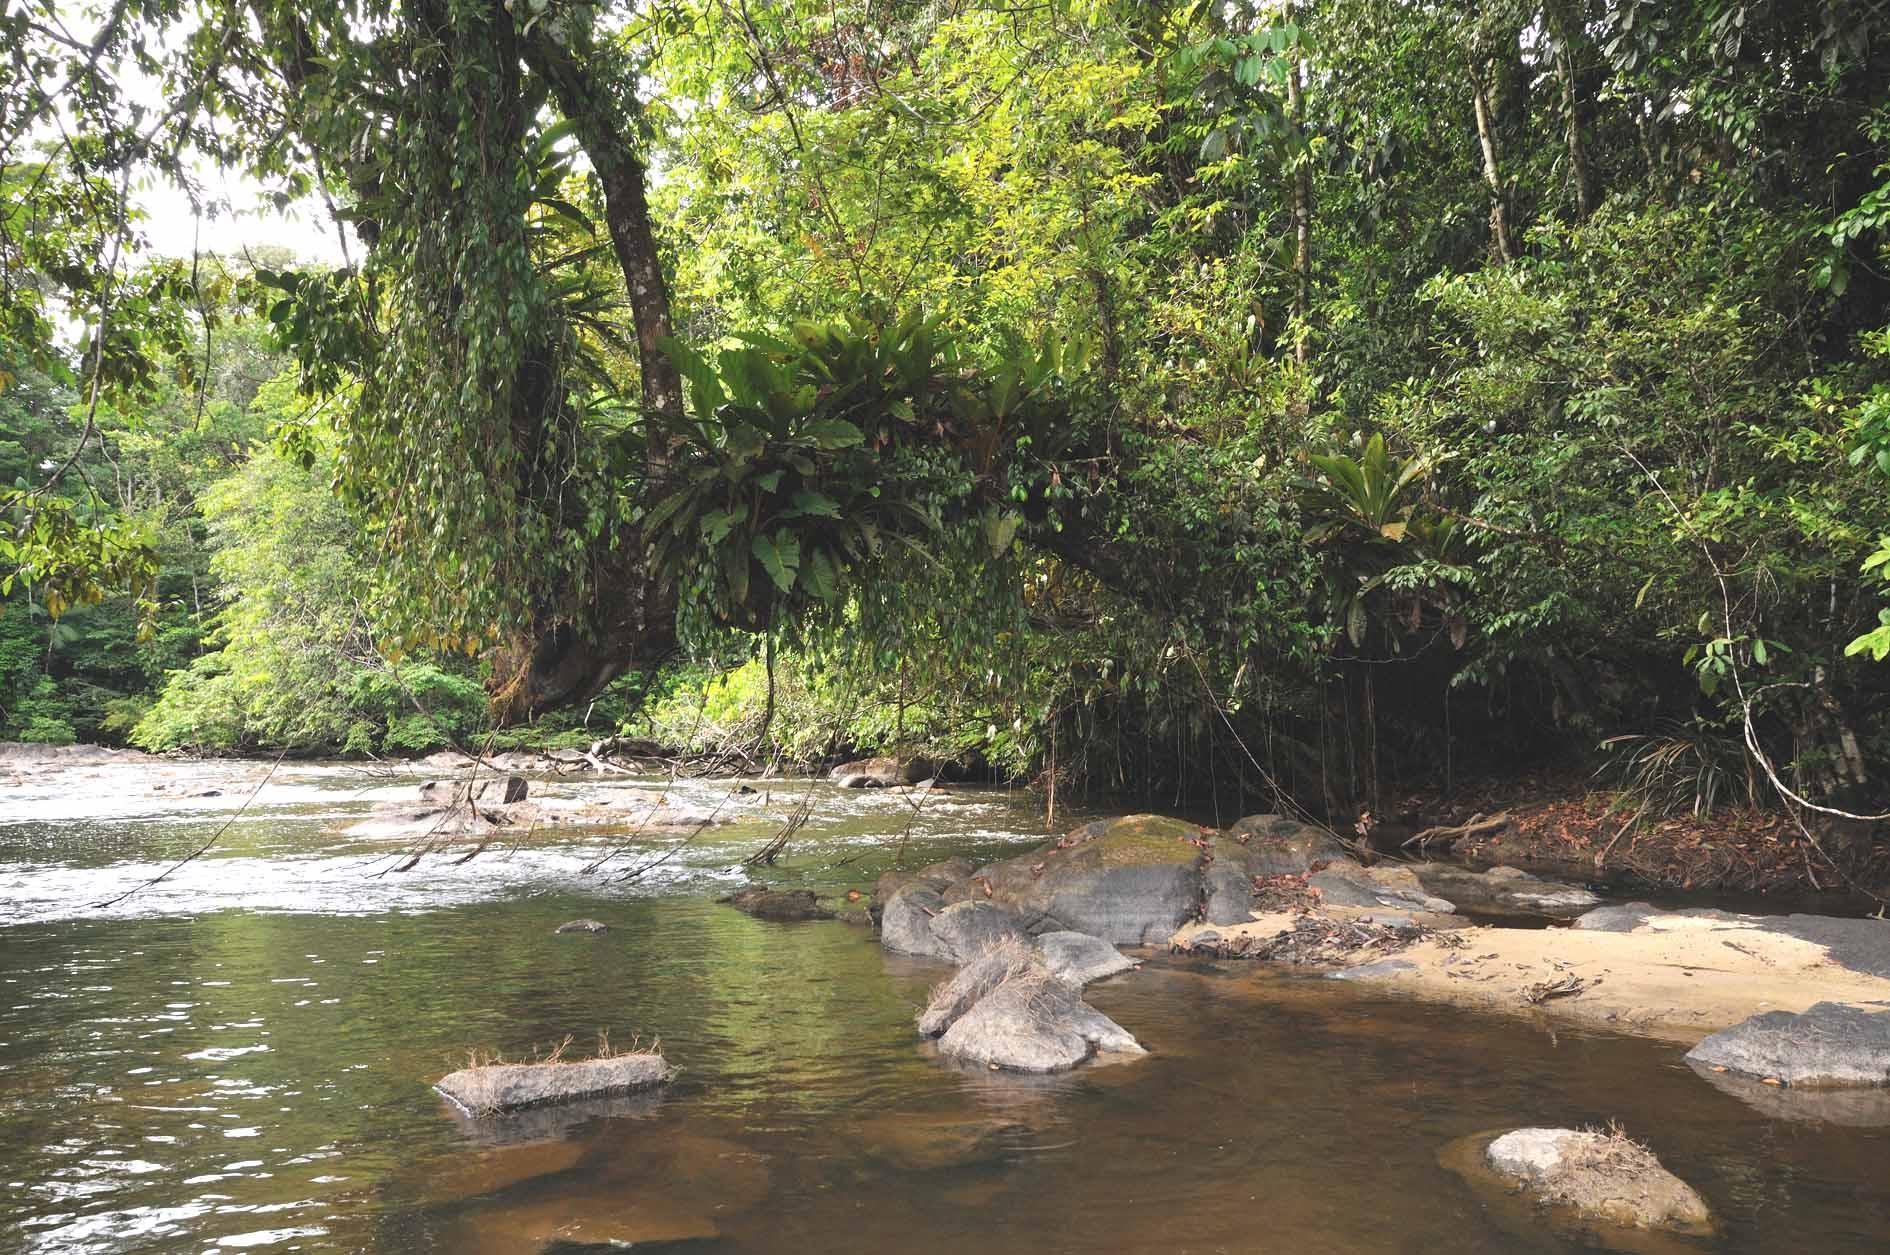 Arbre recouvert d'épiphytes au dessus de la rivière Arataye © V. Pelletier